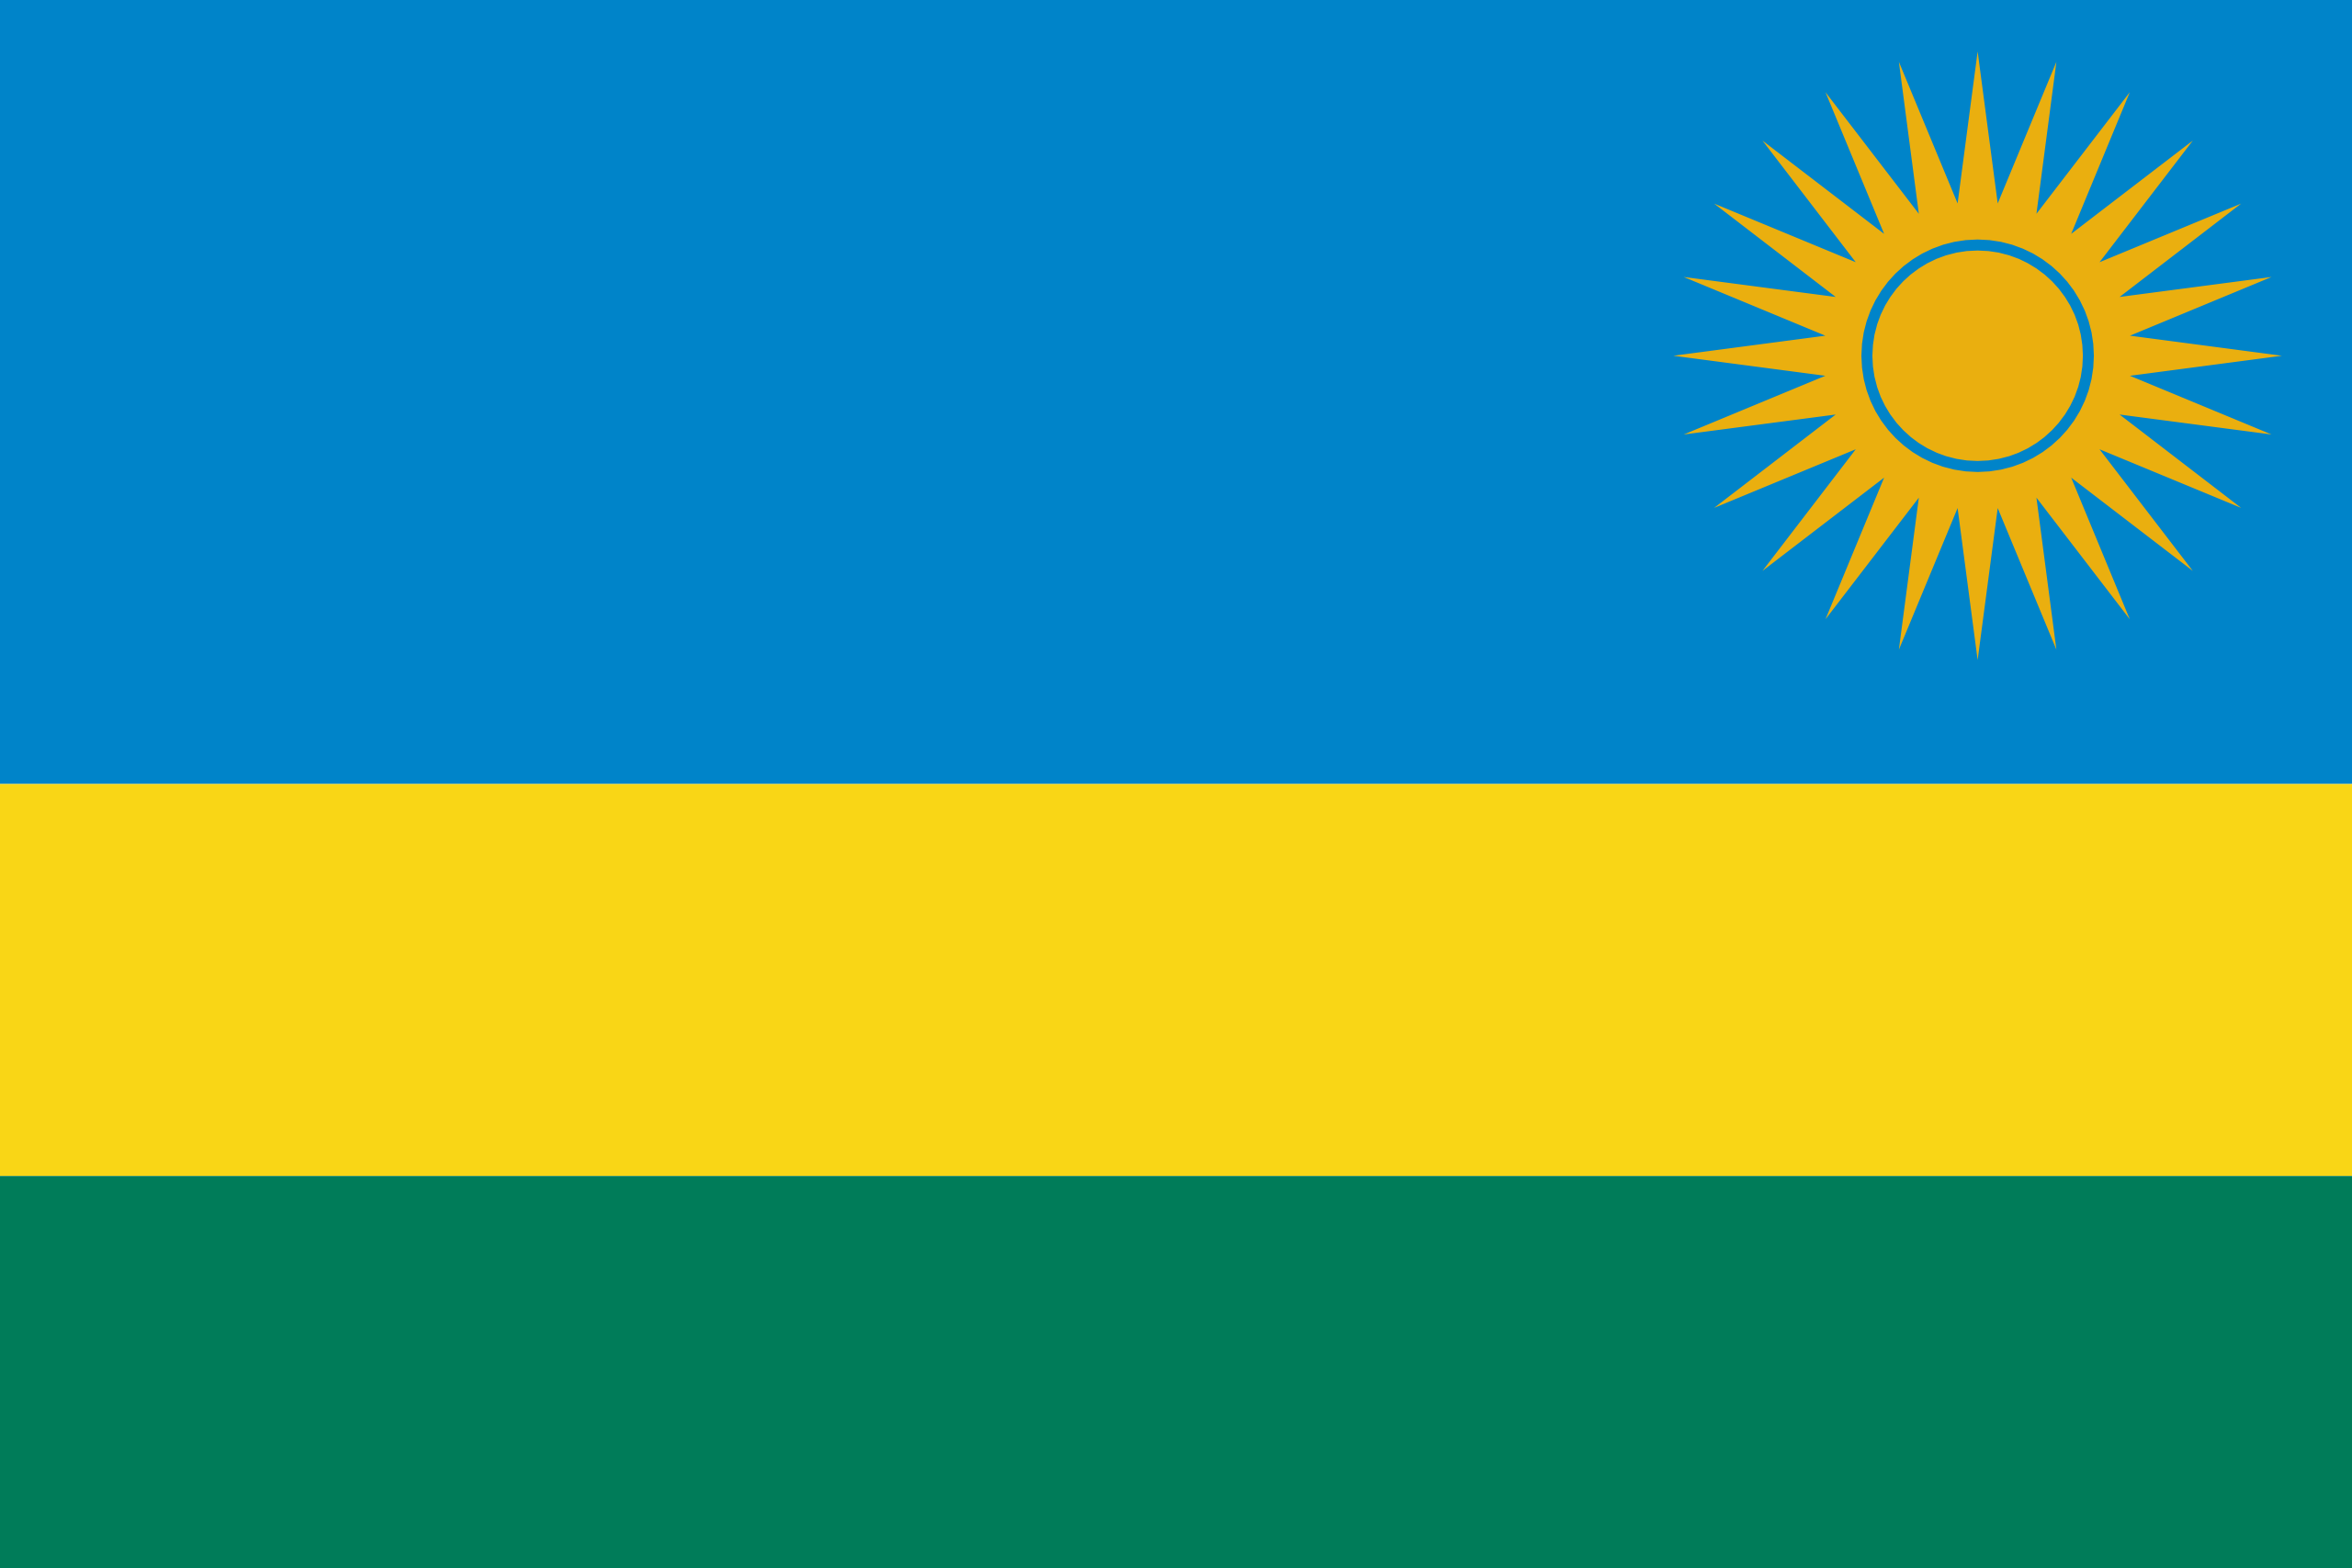 ruanda, 国, エンブレム, ロゴ, シンボル - HD の壁紙 - 教授-falken.com